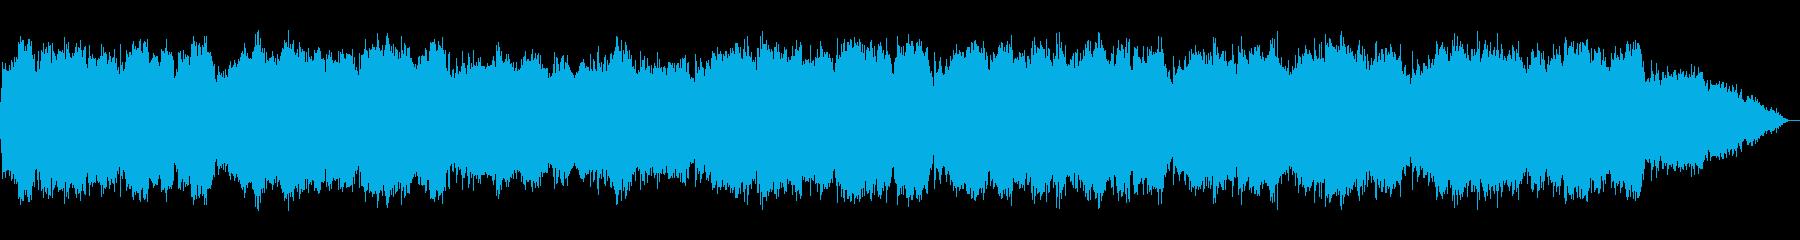 笛のメロディーのジャズっぽいヒーリング音の再生済みの波形